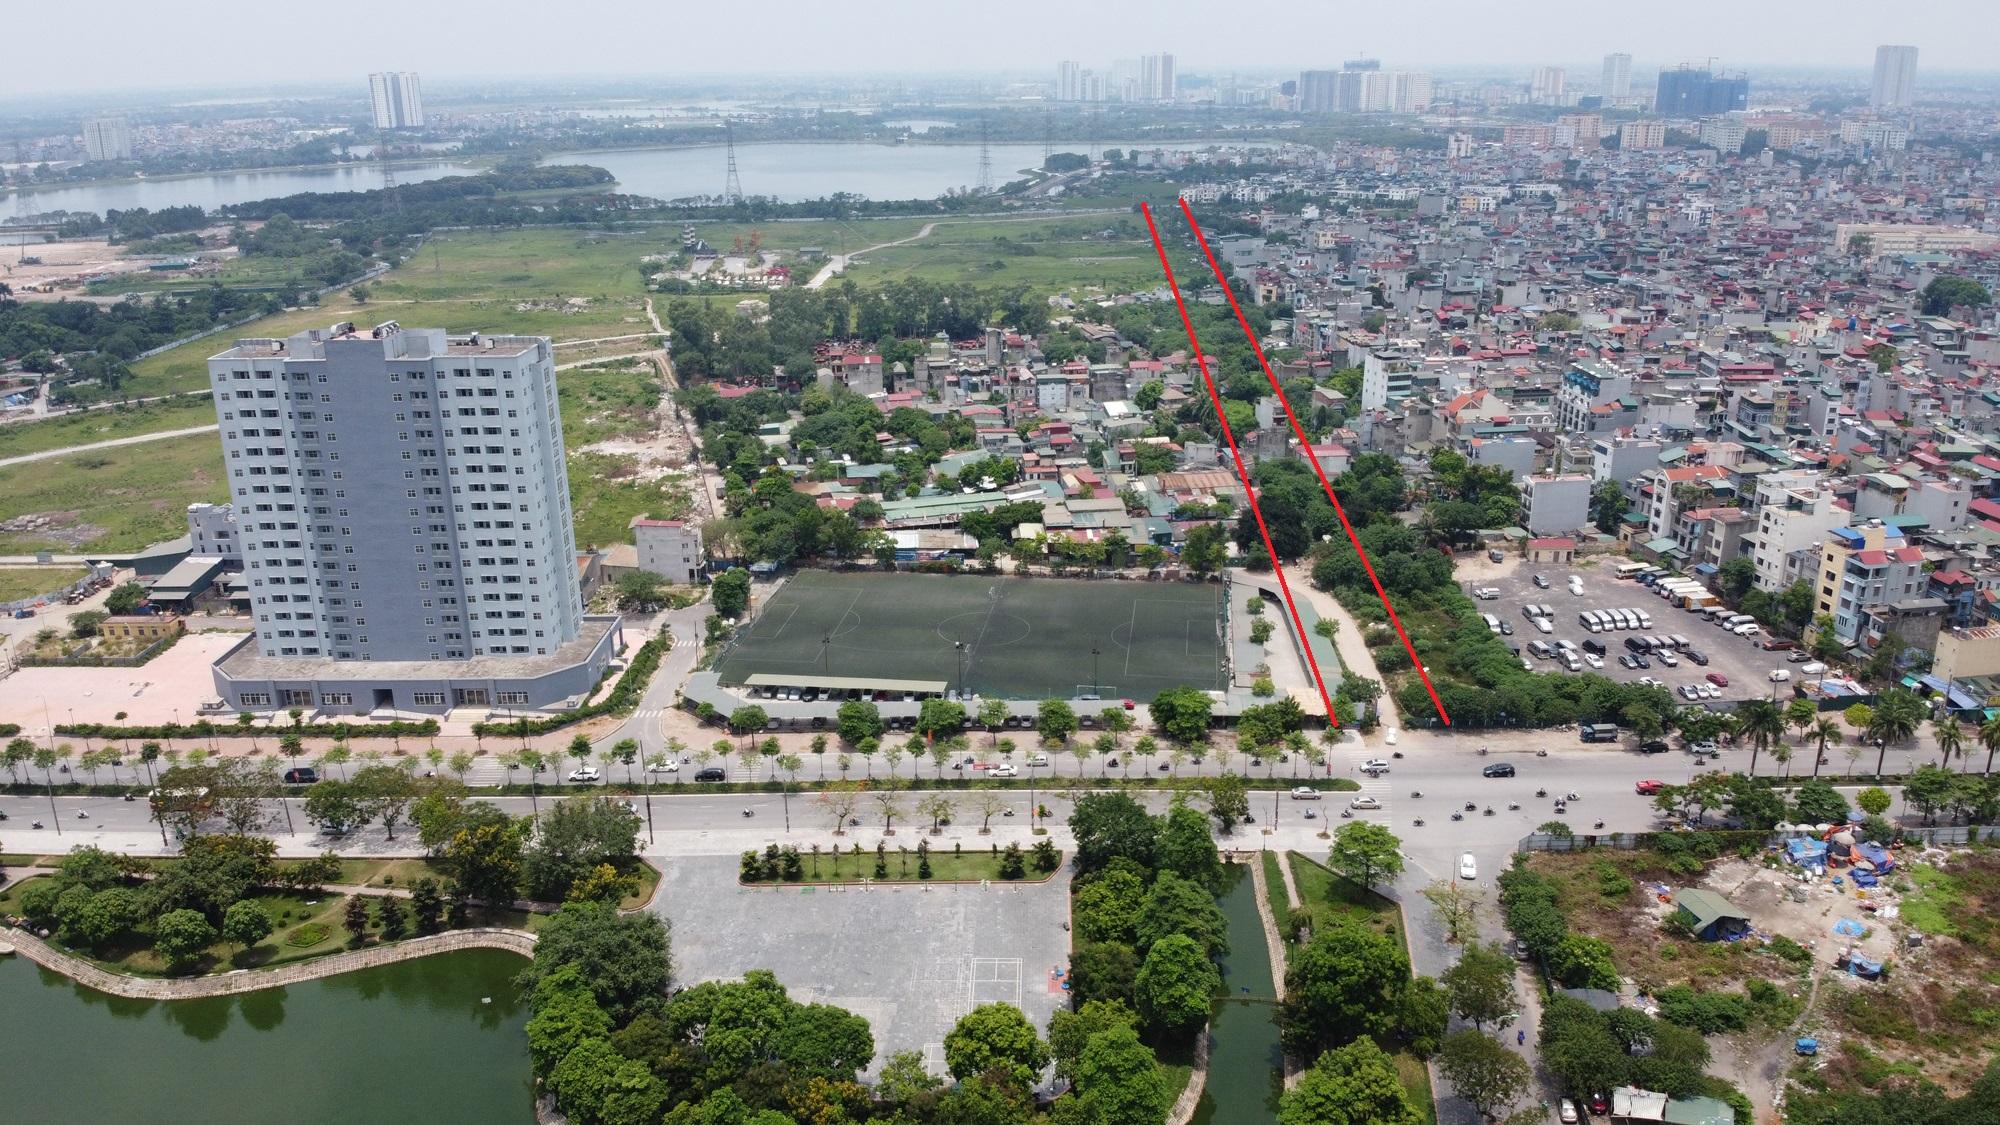 Ba đường sẽ mở theo qui hoạch ở phường Thịnh Liệt, Hoàng Mai, Hà Nội - Ảnh 10.